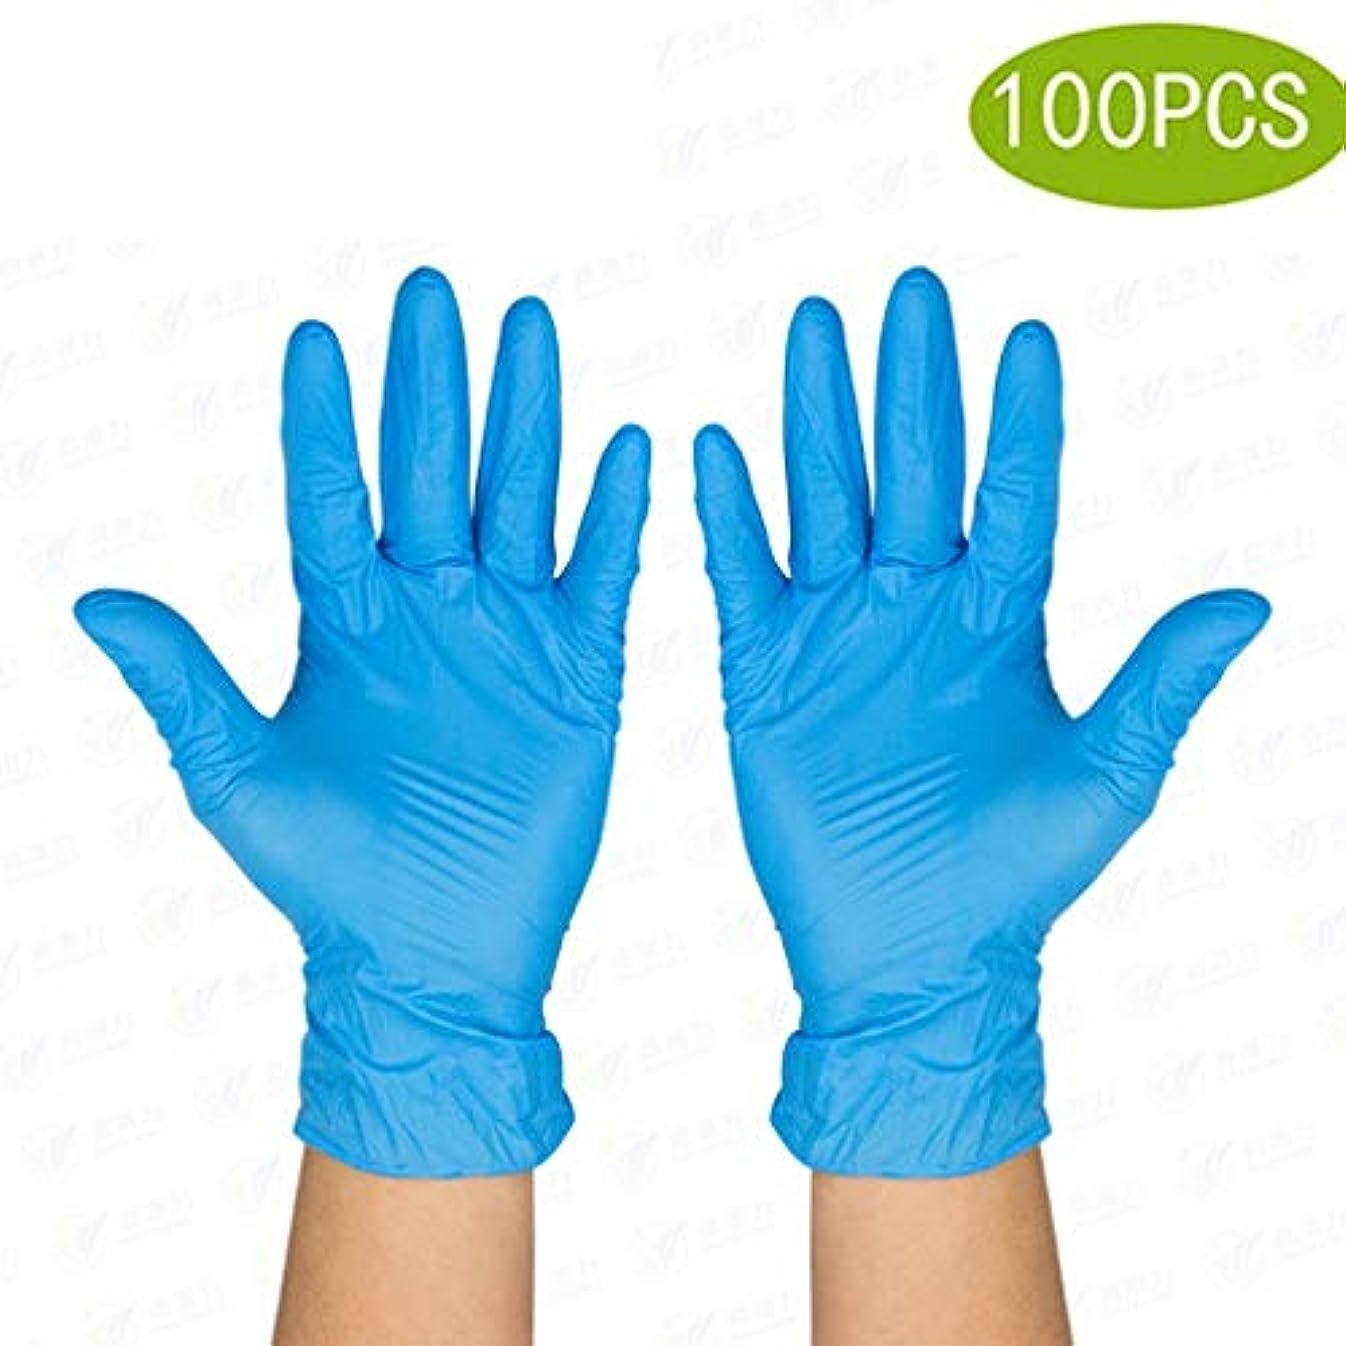 住人独特の調子保護用使い捨てニトリル医療用手袋、3mil、ラテックスフリー、試験グレードの手袋、質感のある、両性、非滅菌の、100ラテックス手袋のパック (Color : Blue, Size : L)